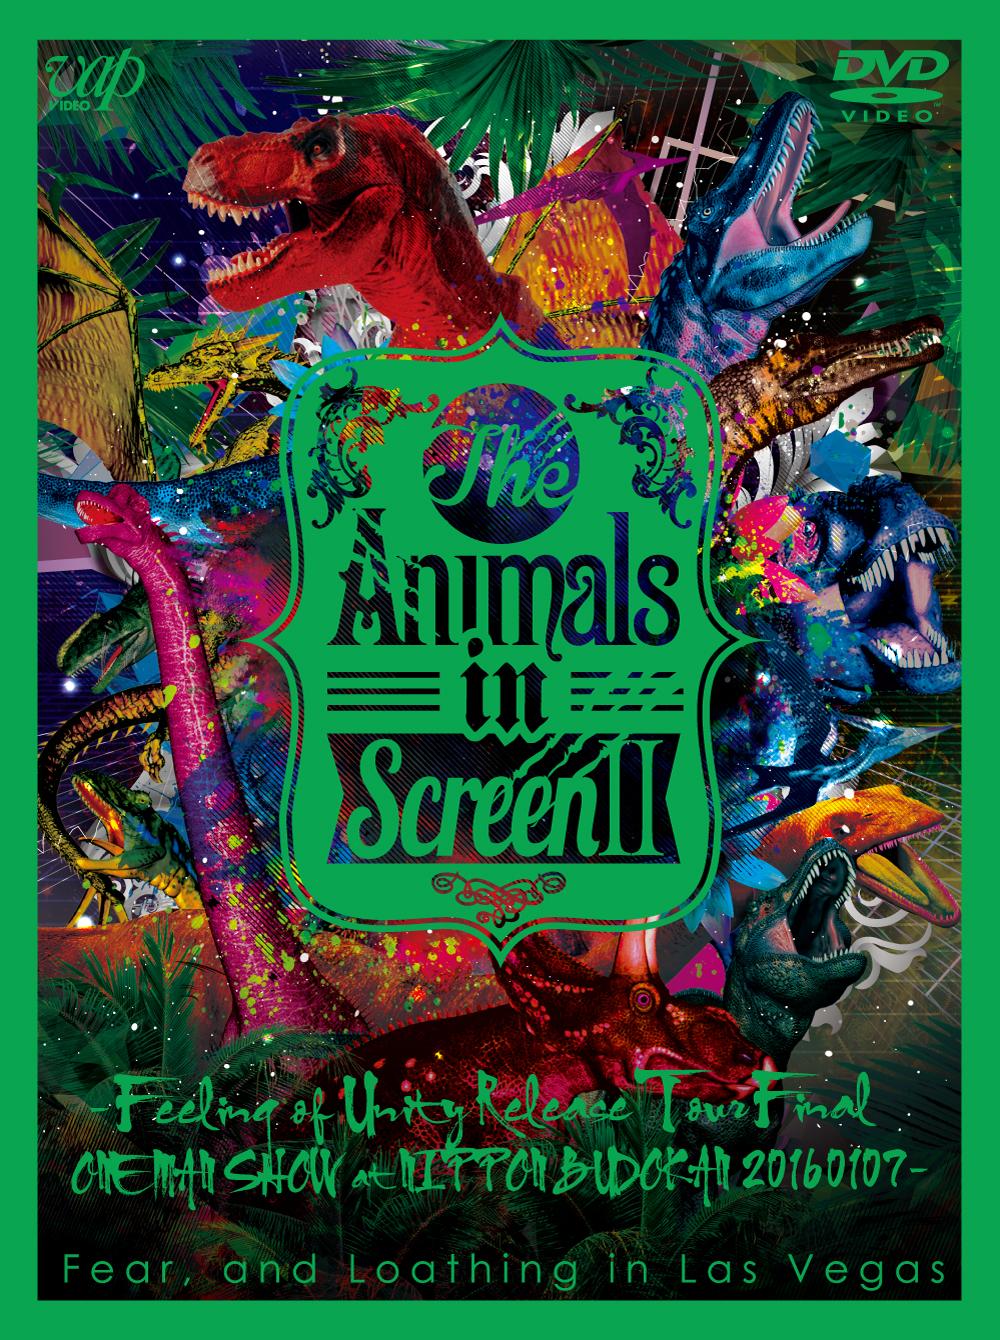 Animalsinscreen2_DVD_fix (1)